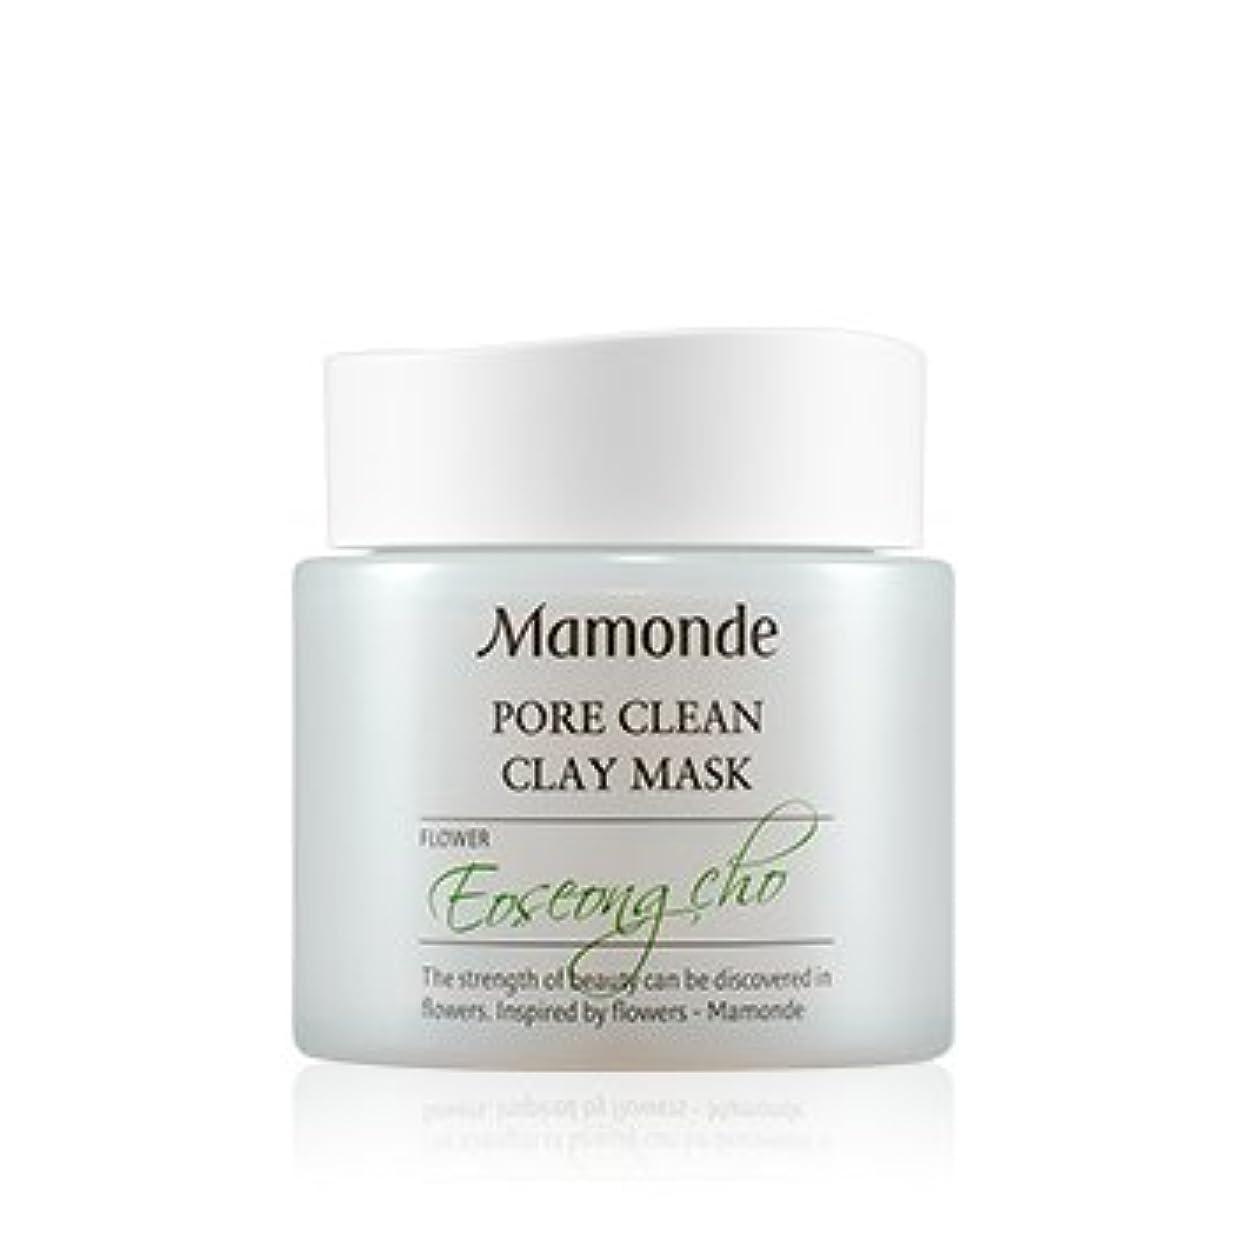 減らす天文学複製[New] Mamonde Pore Clean Clay Mask 100ml/マモンド ポア クリーン クレイ マスク 100ml [並行輸入品]